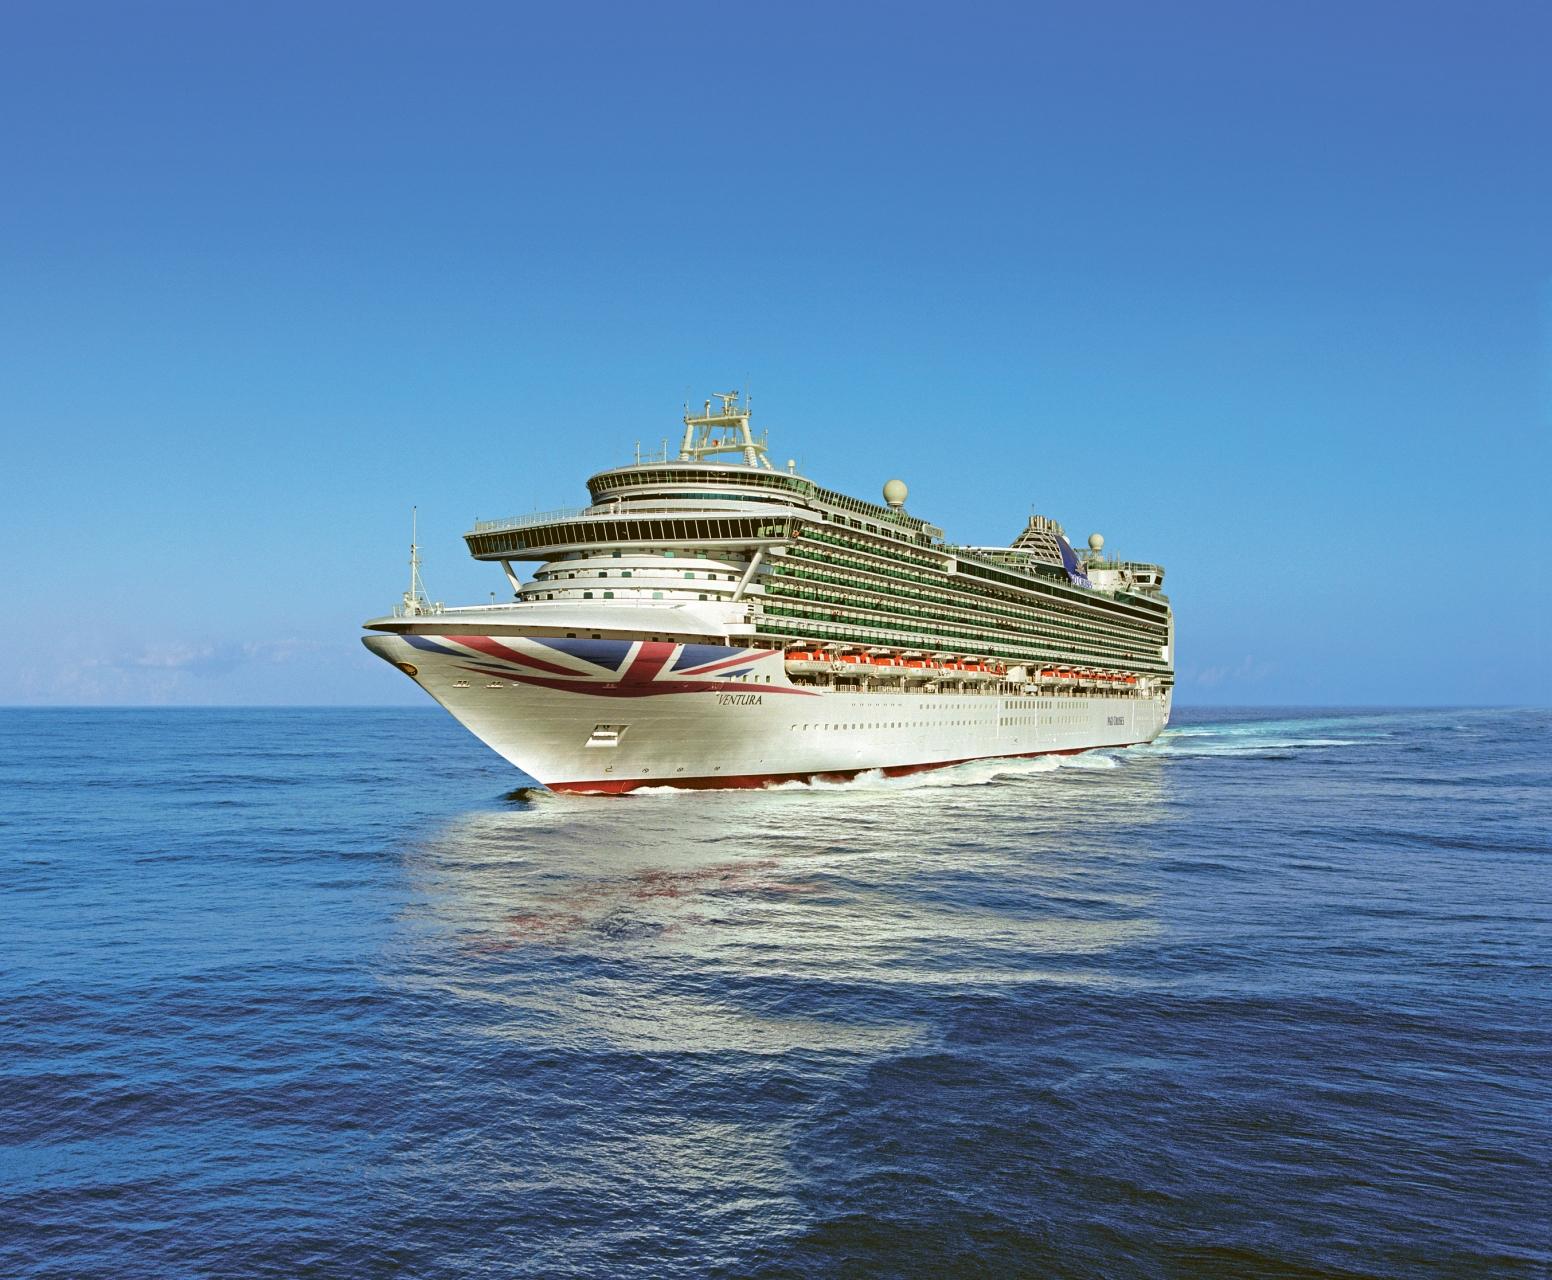 Nur 1 Pfund Sterling (ca. 1,13 €) berechnet P&O Cruises auf ausgewählten Hochseereisen für die Unterbringung einer 3. oder 4. Person in derselben Kabine.